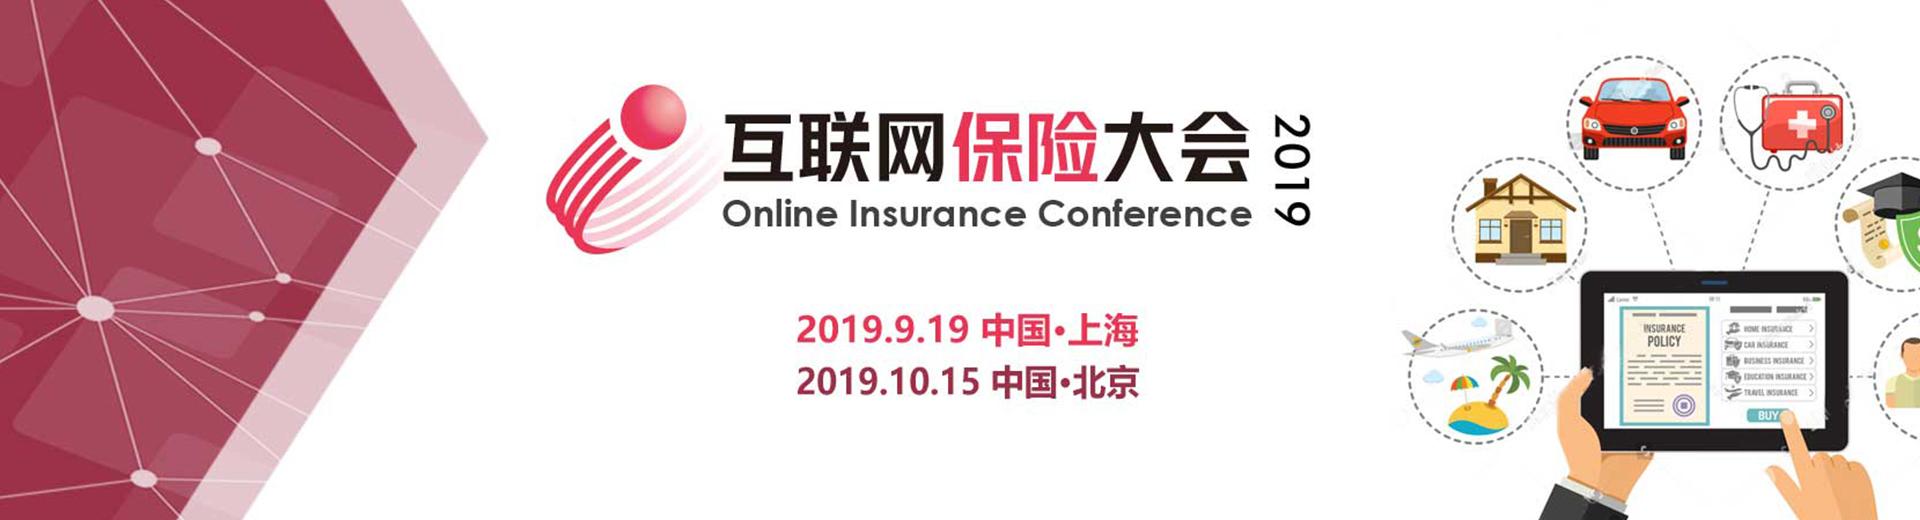 互联网保险大年夜会2019 9.19 上海